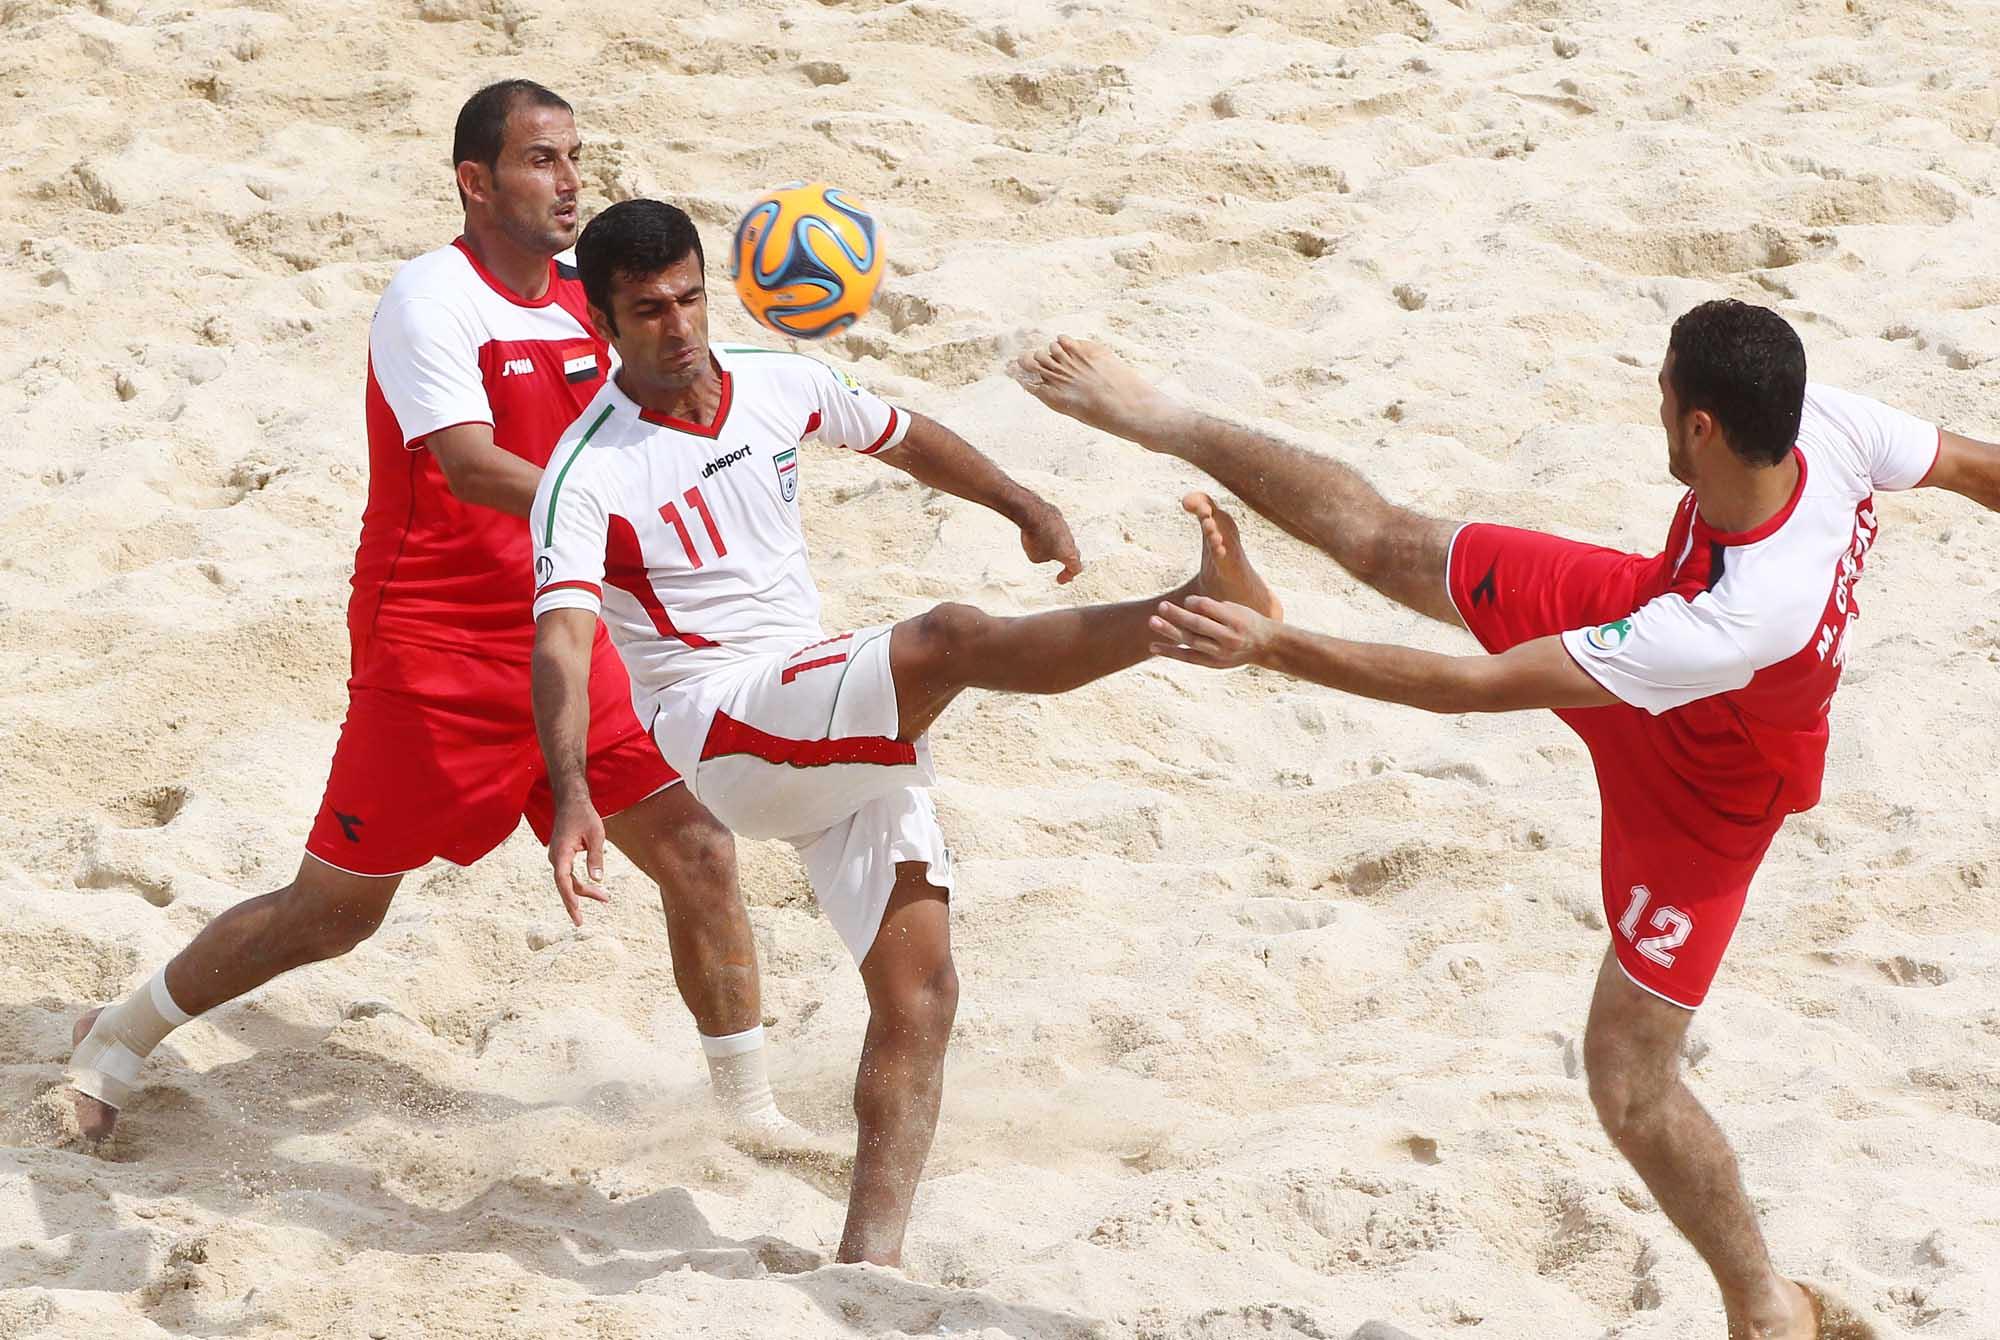 پروژه اتوکد مجموعه ورزشی ساحلی